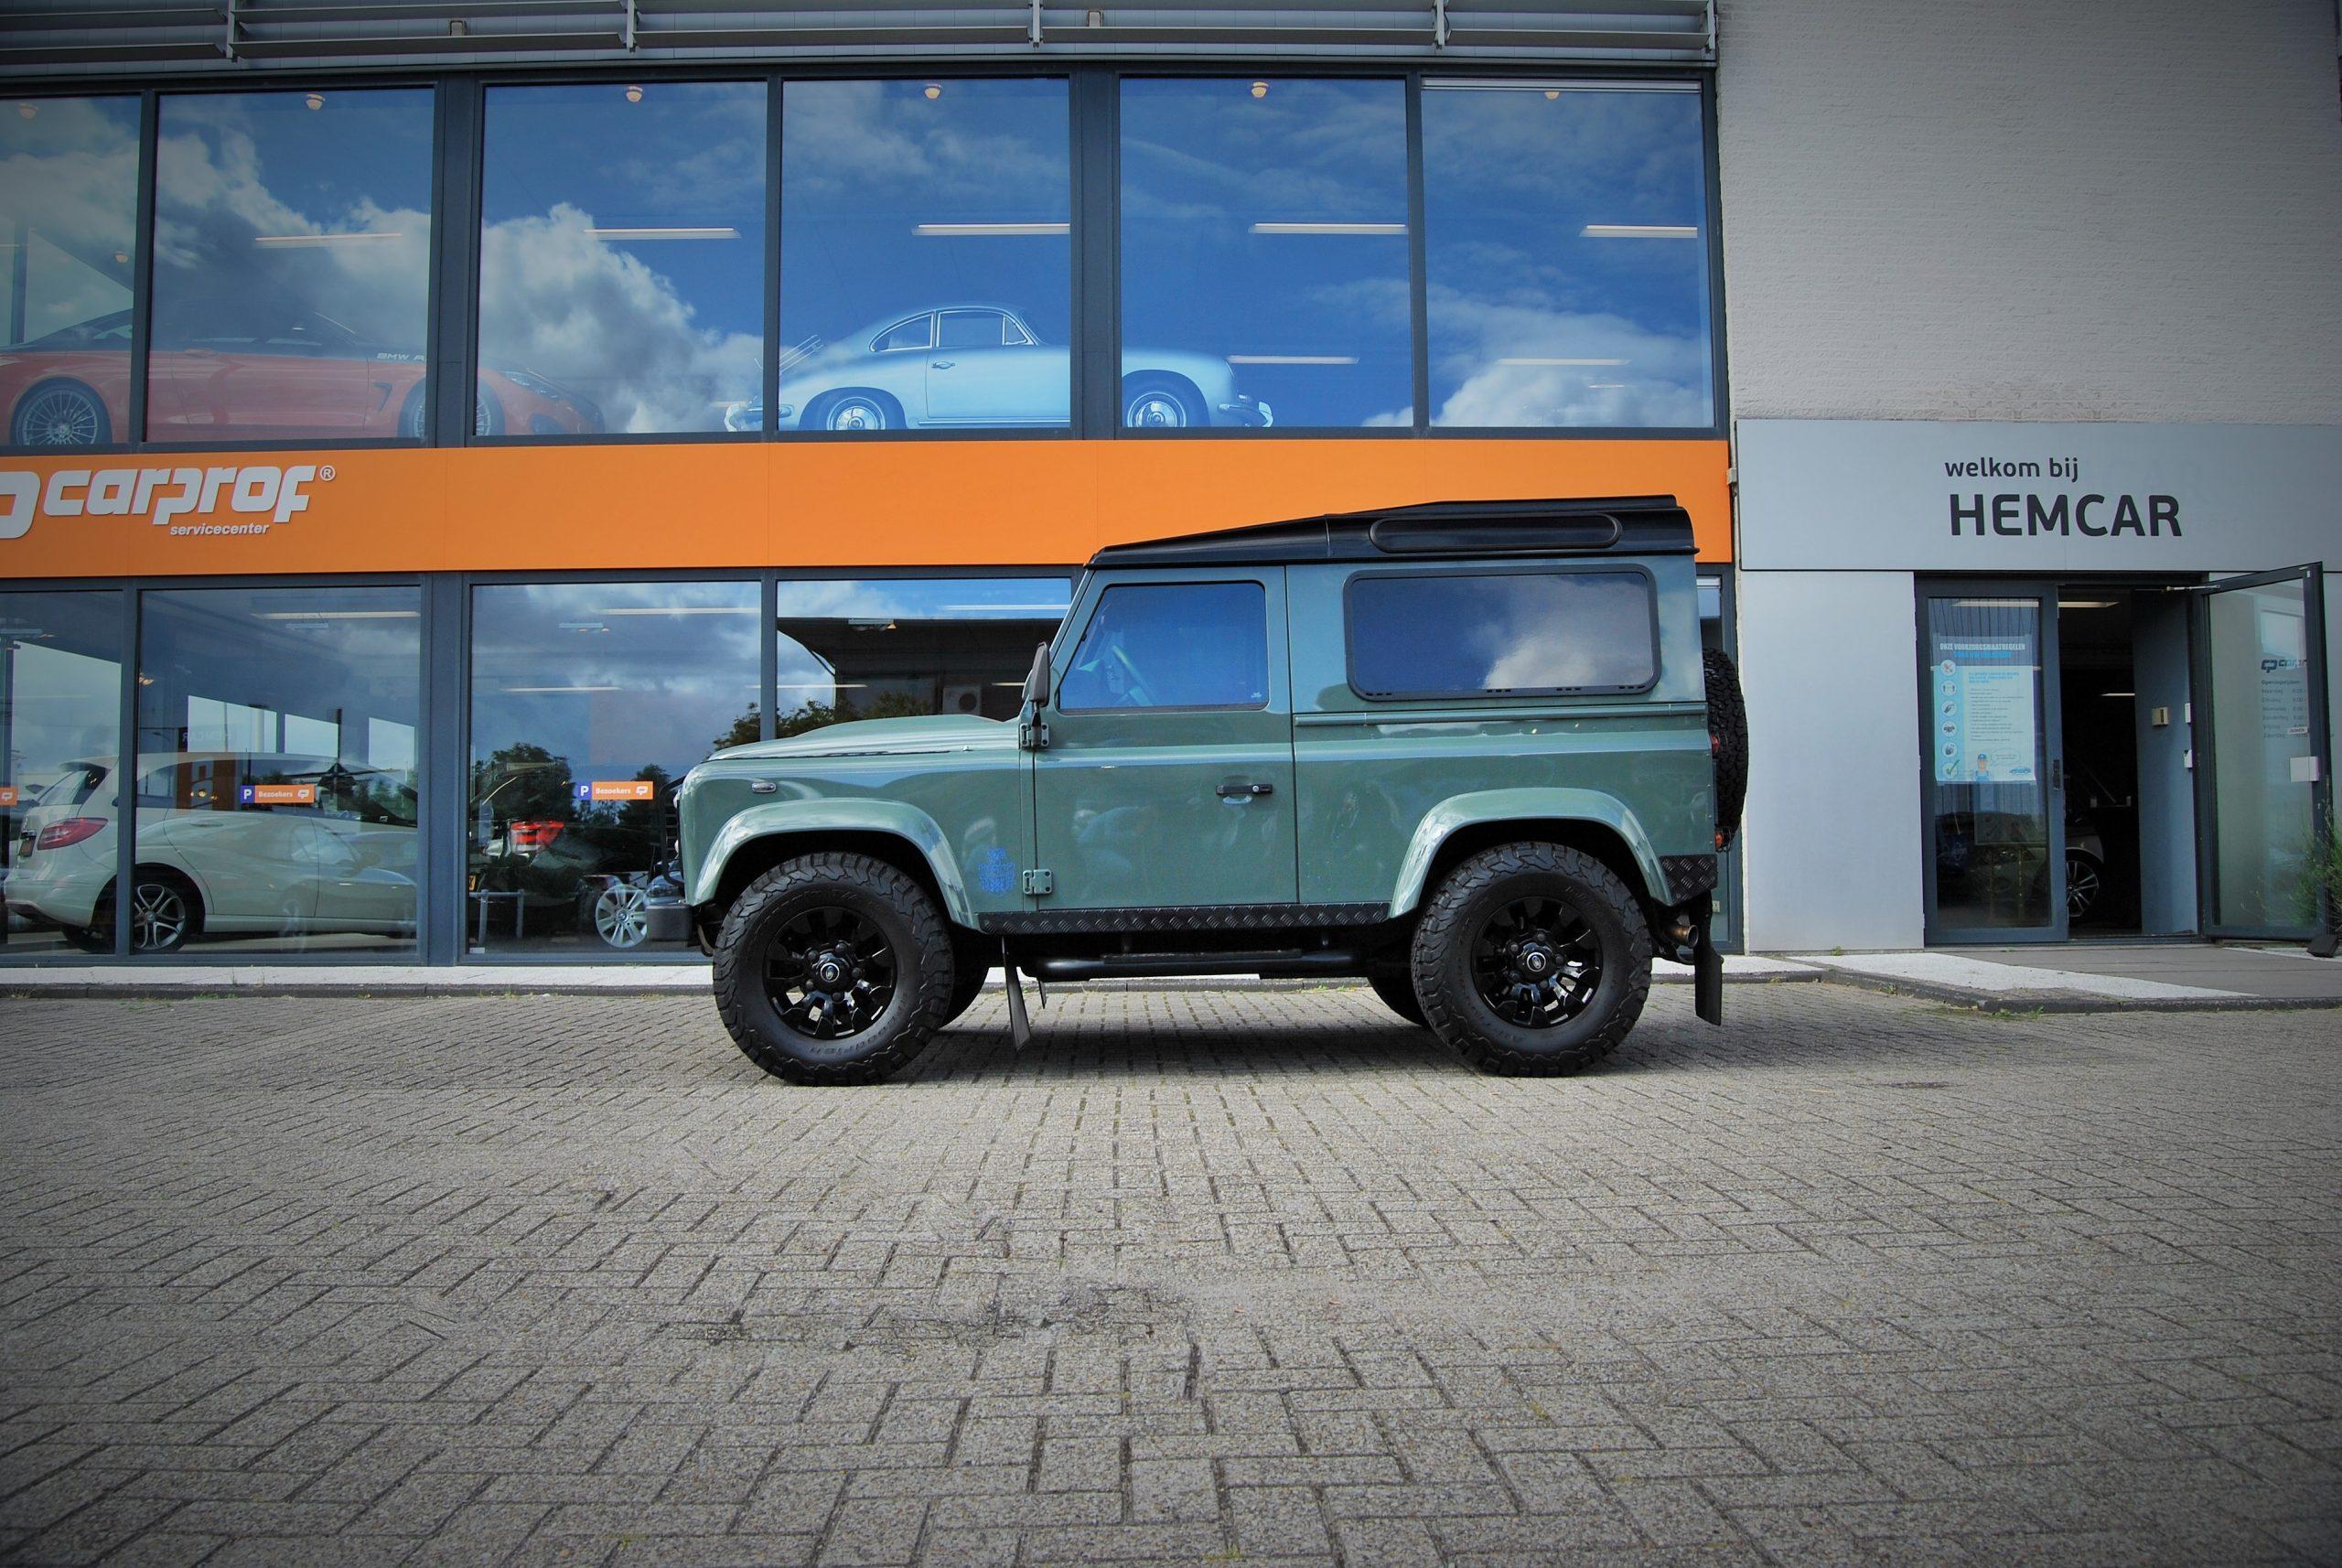 Land Rover Defender 90 Hemcar